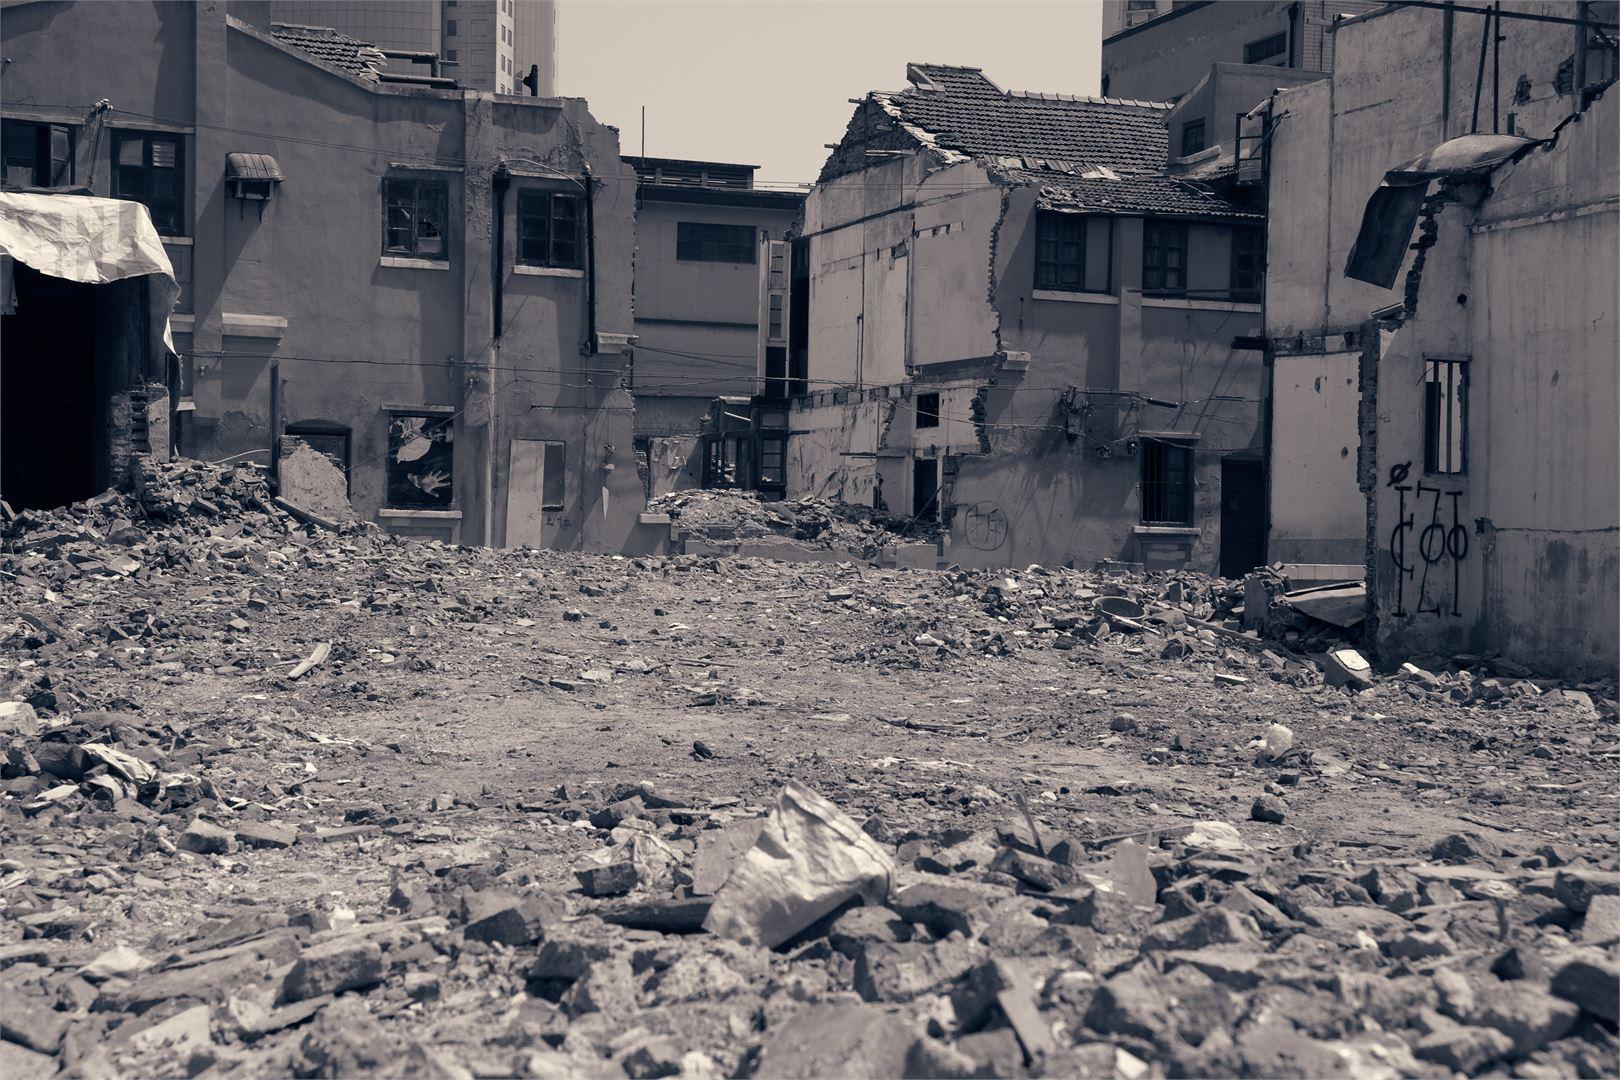 Miinalaisen mielestä aseeton vastarinta on parempi vaihtoehto kuin sodan aiheuttamat tuhot ja kuolleet ihmiset.